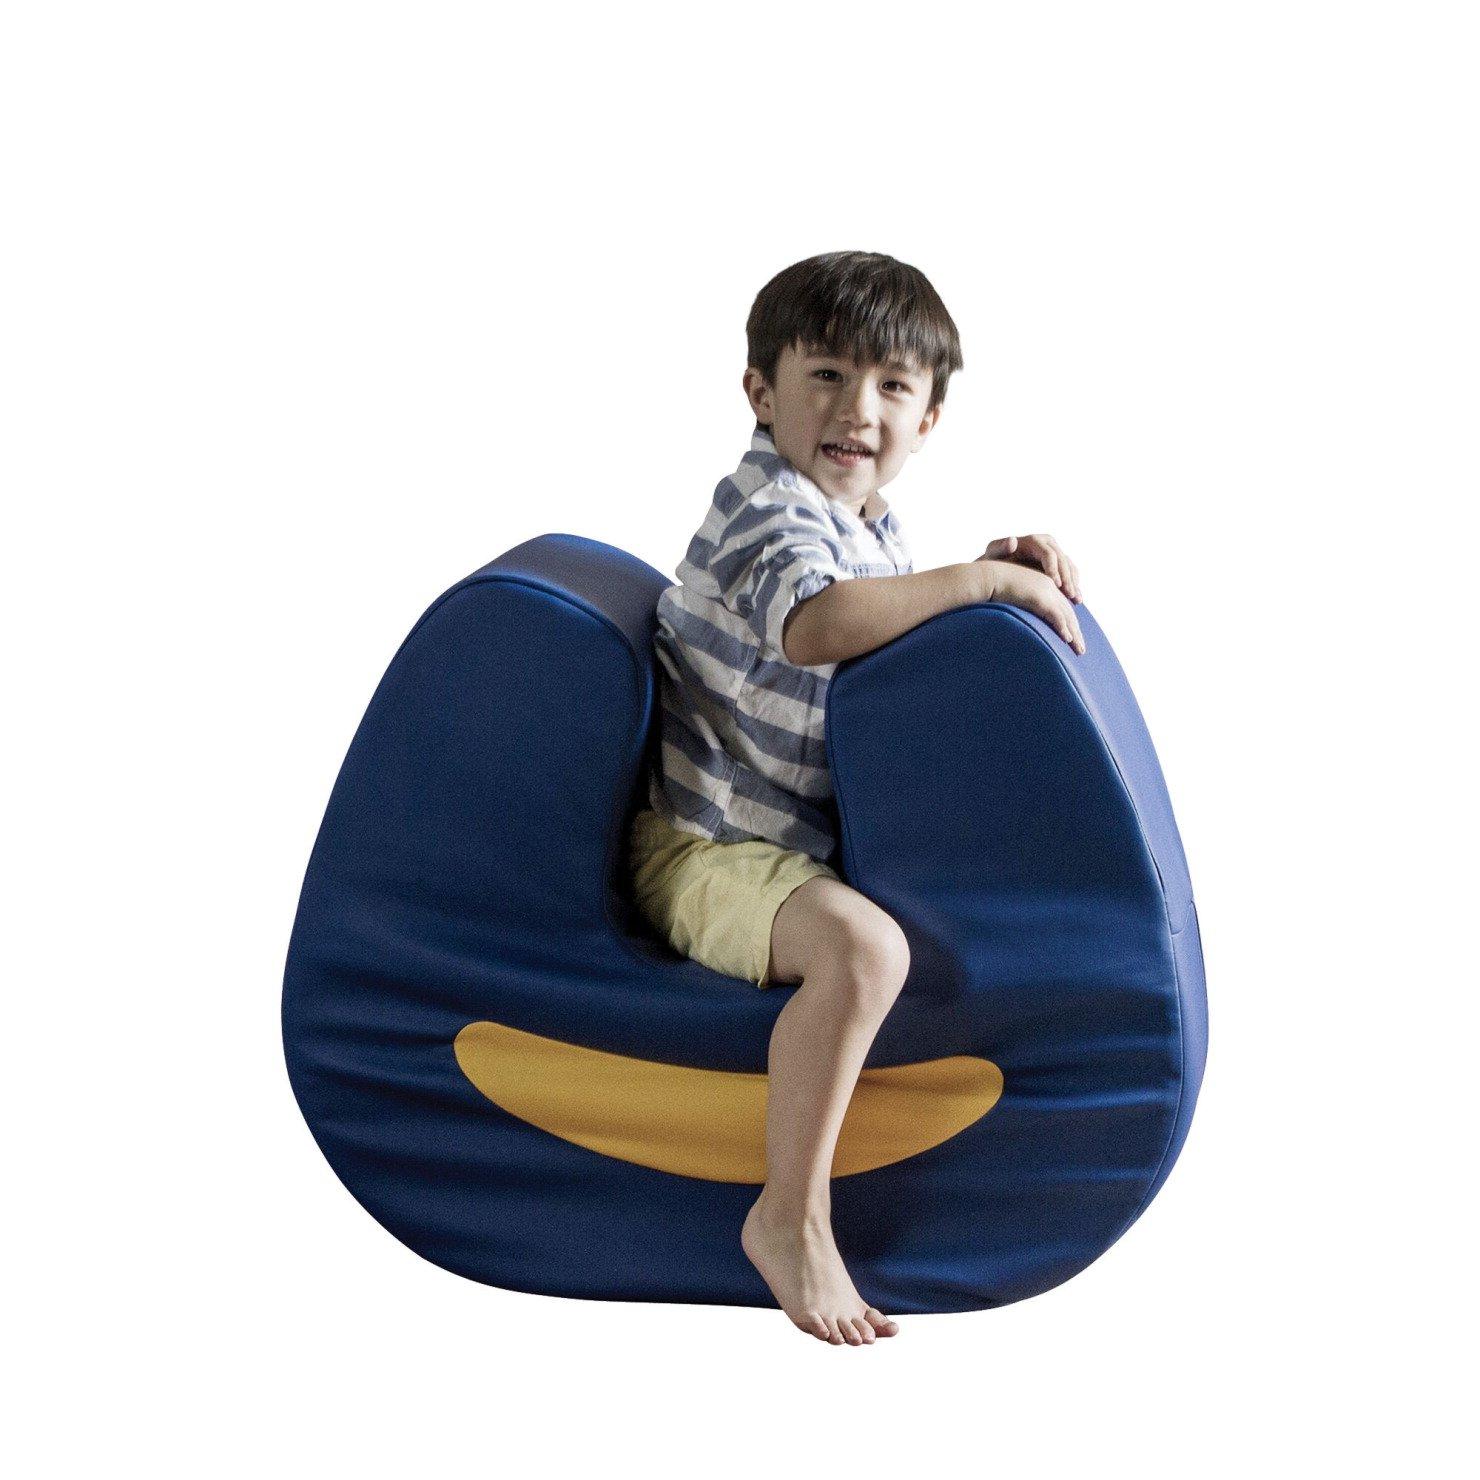 Abilitations SqUoosh Chair, Blue